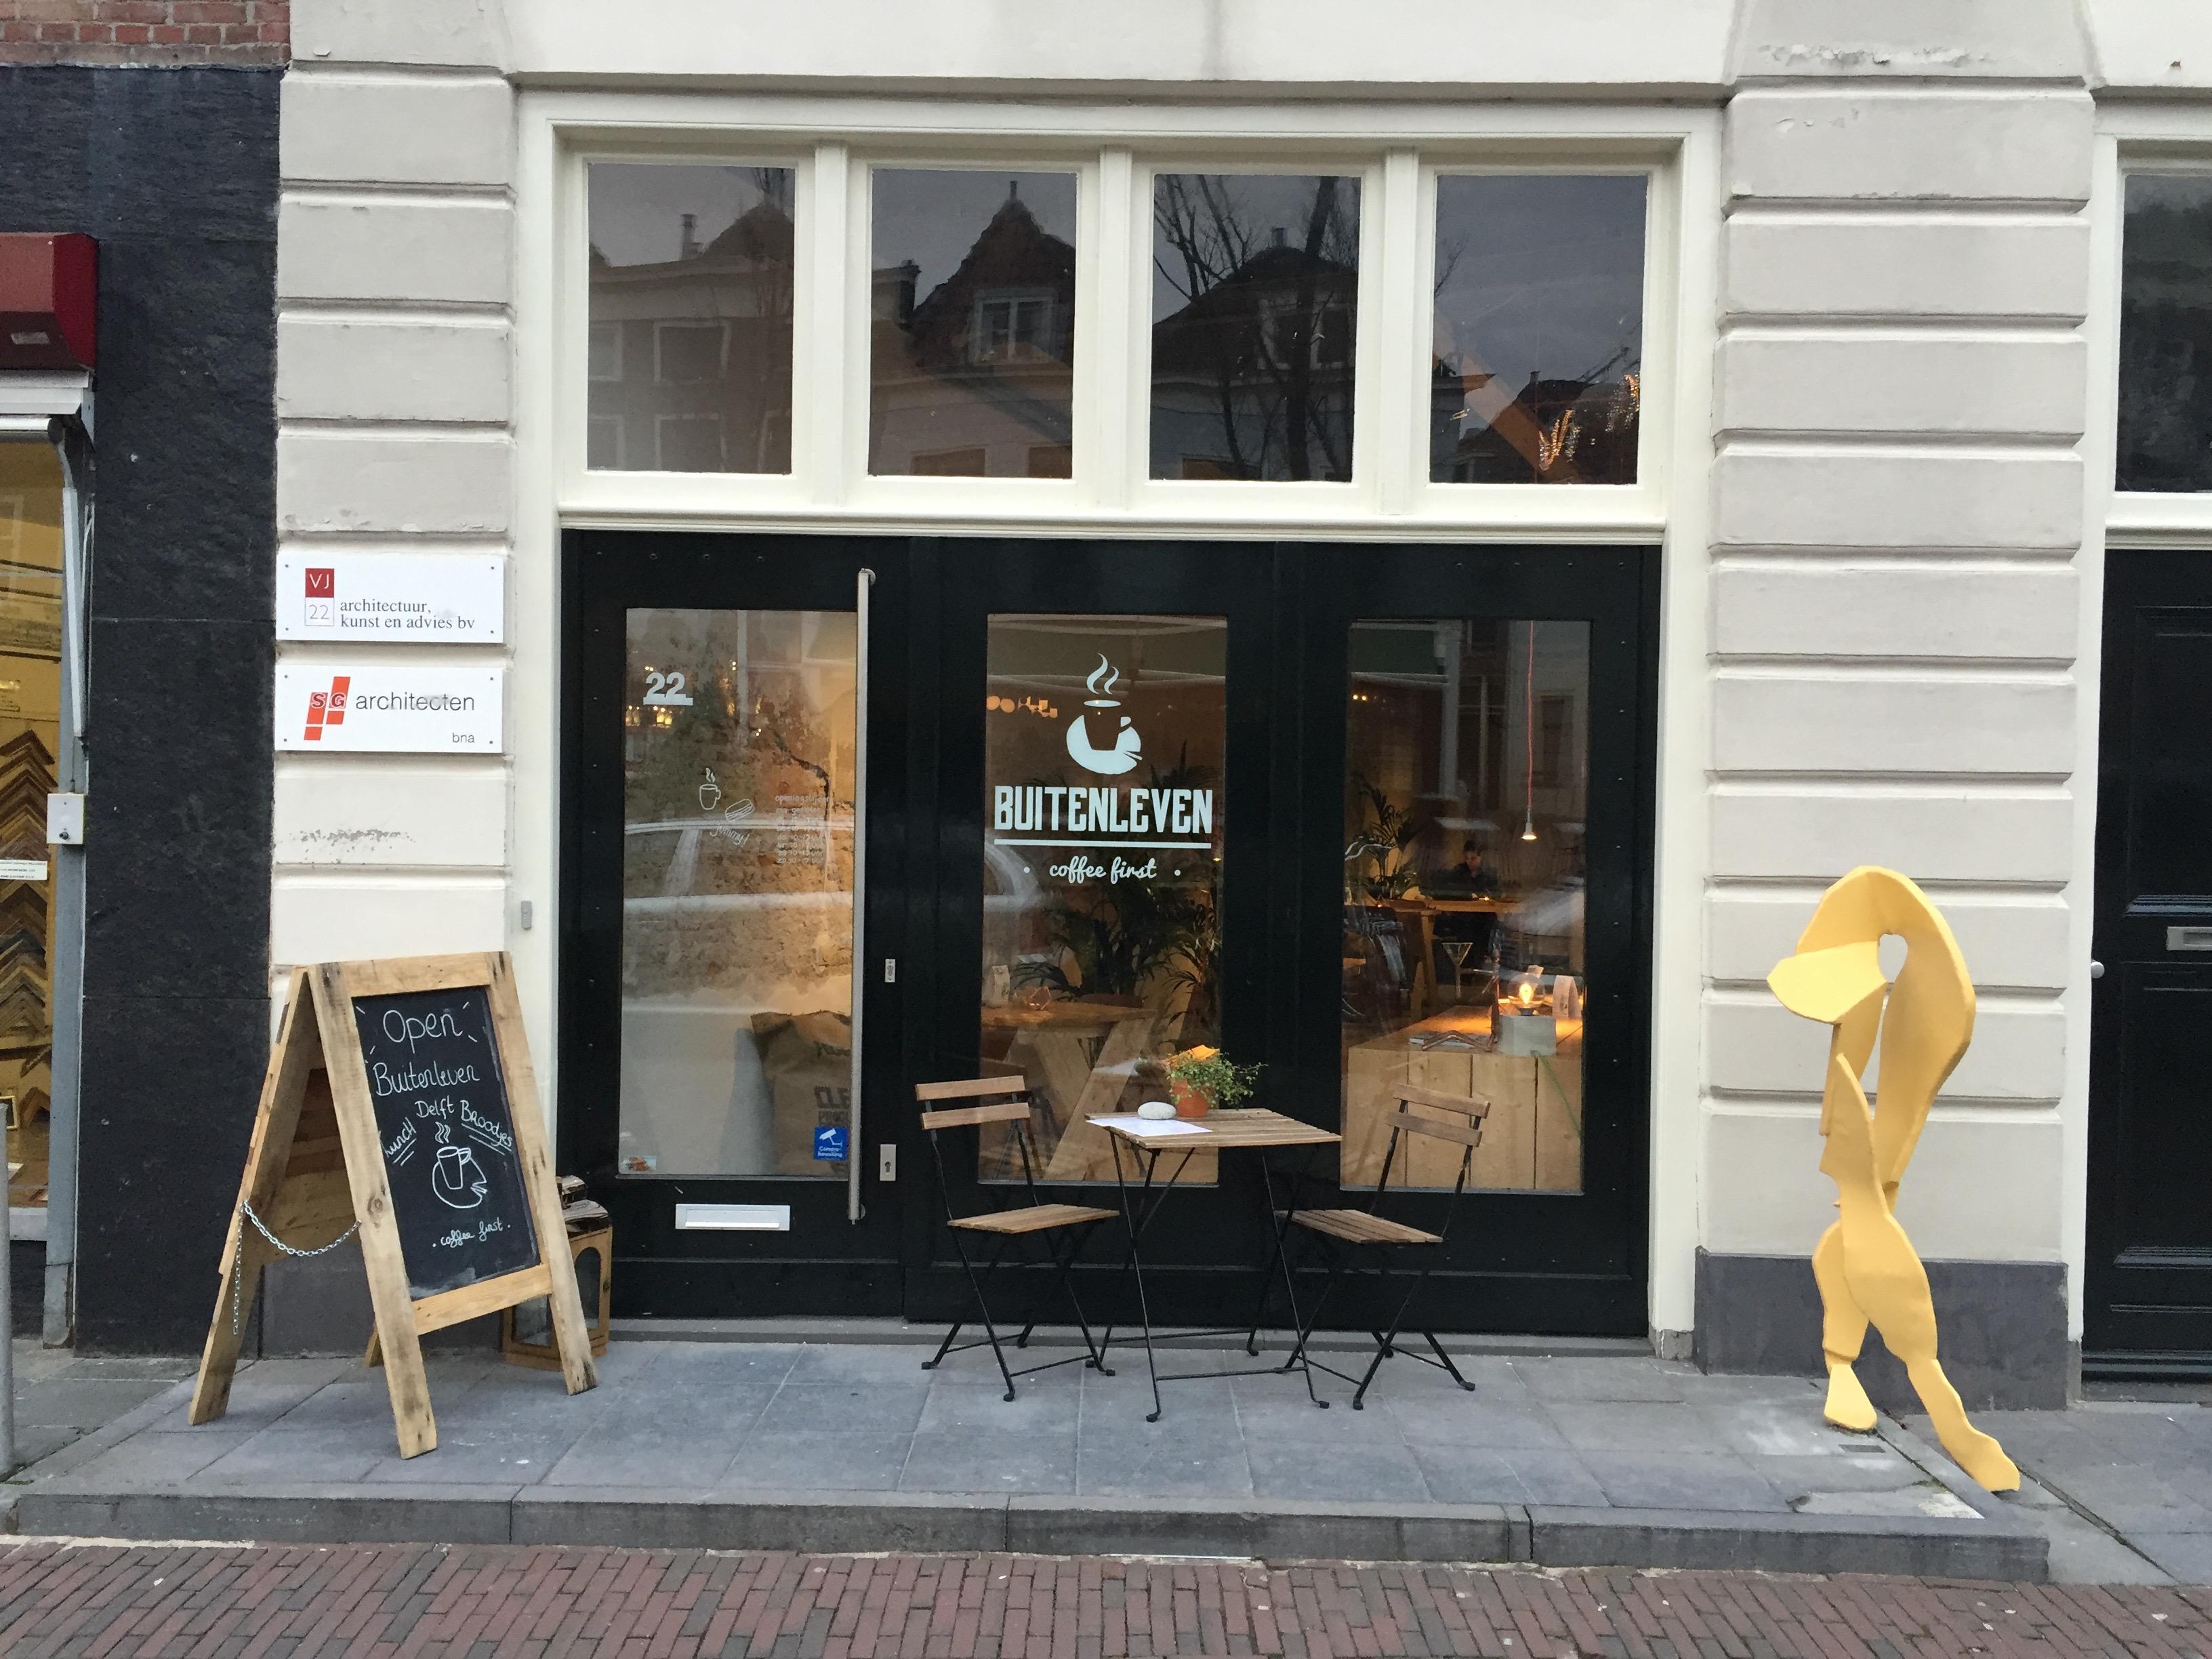 Buitenleven @Delft